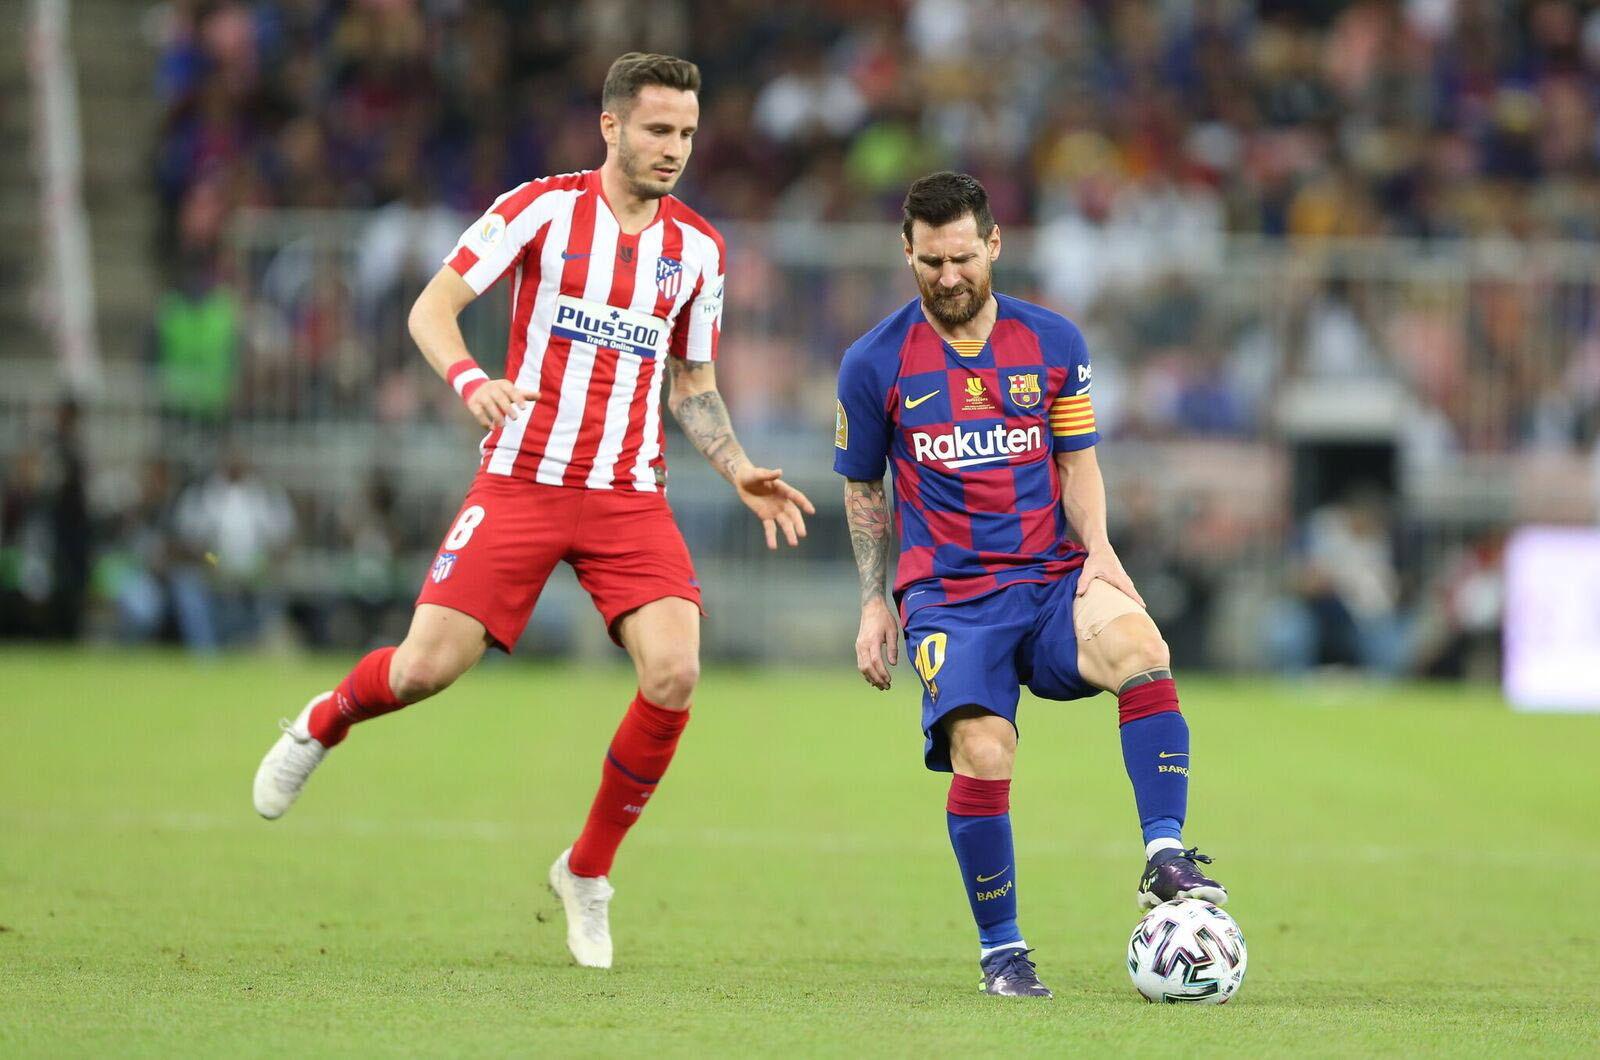 Liga espanhola não regressa antes de 28 de maio